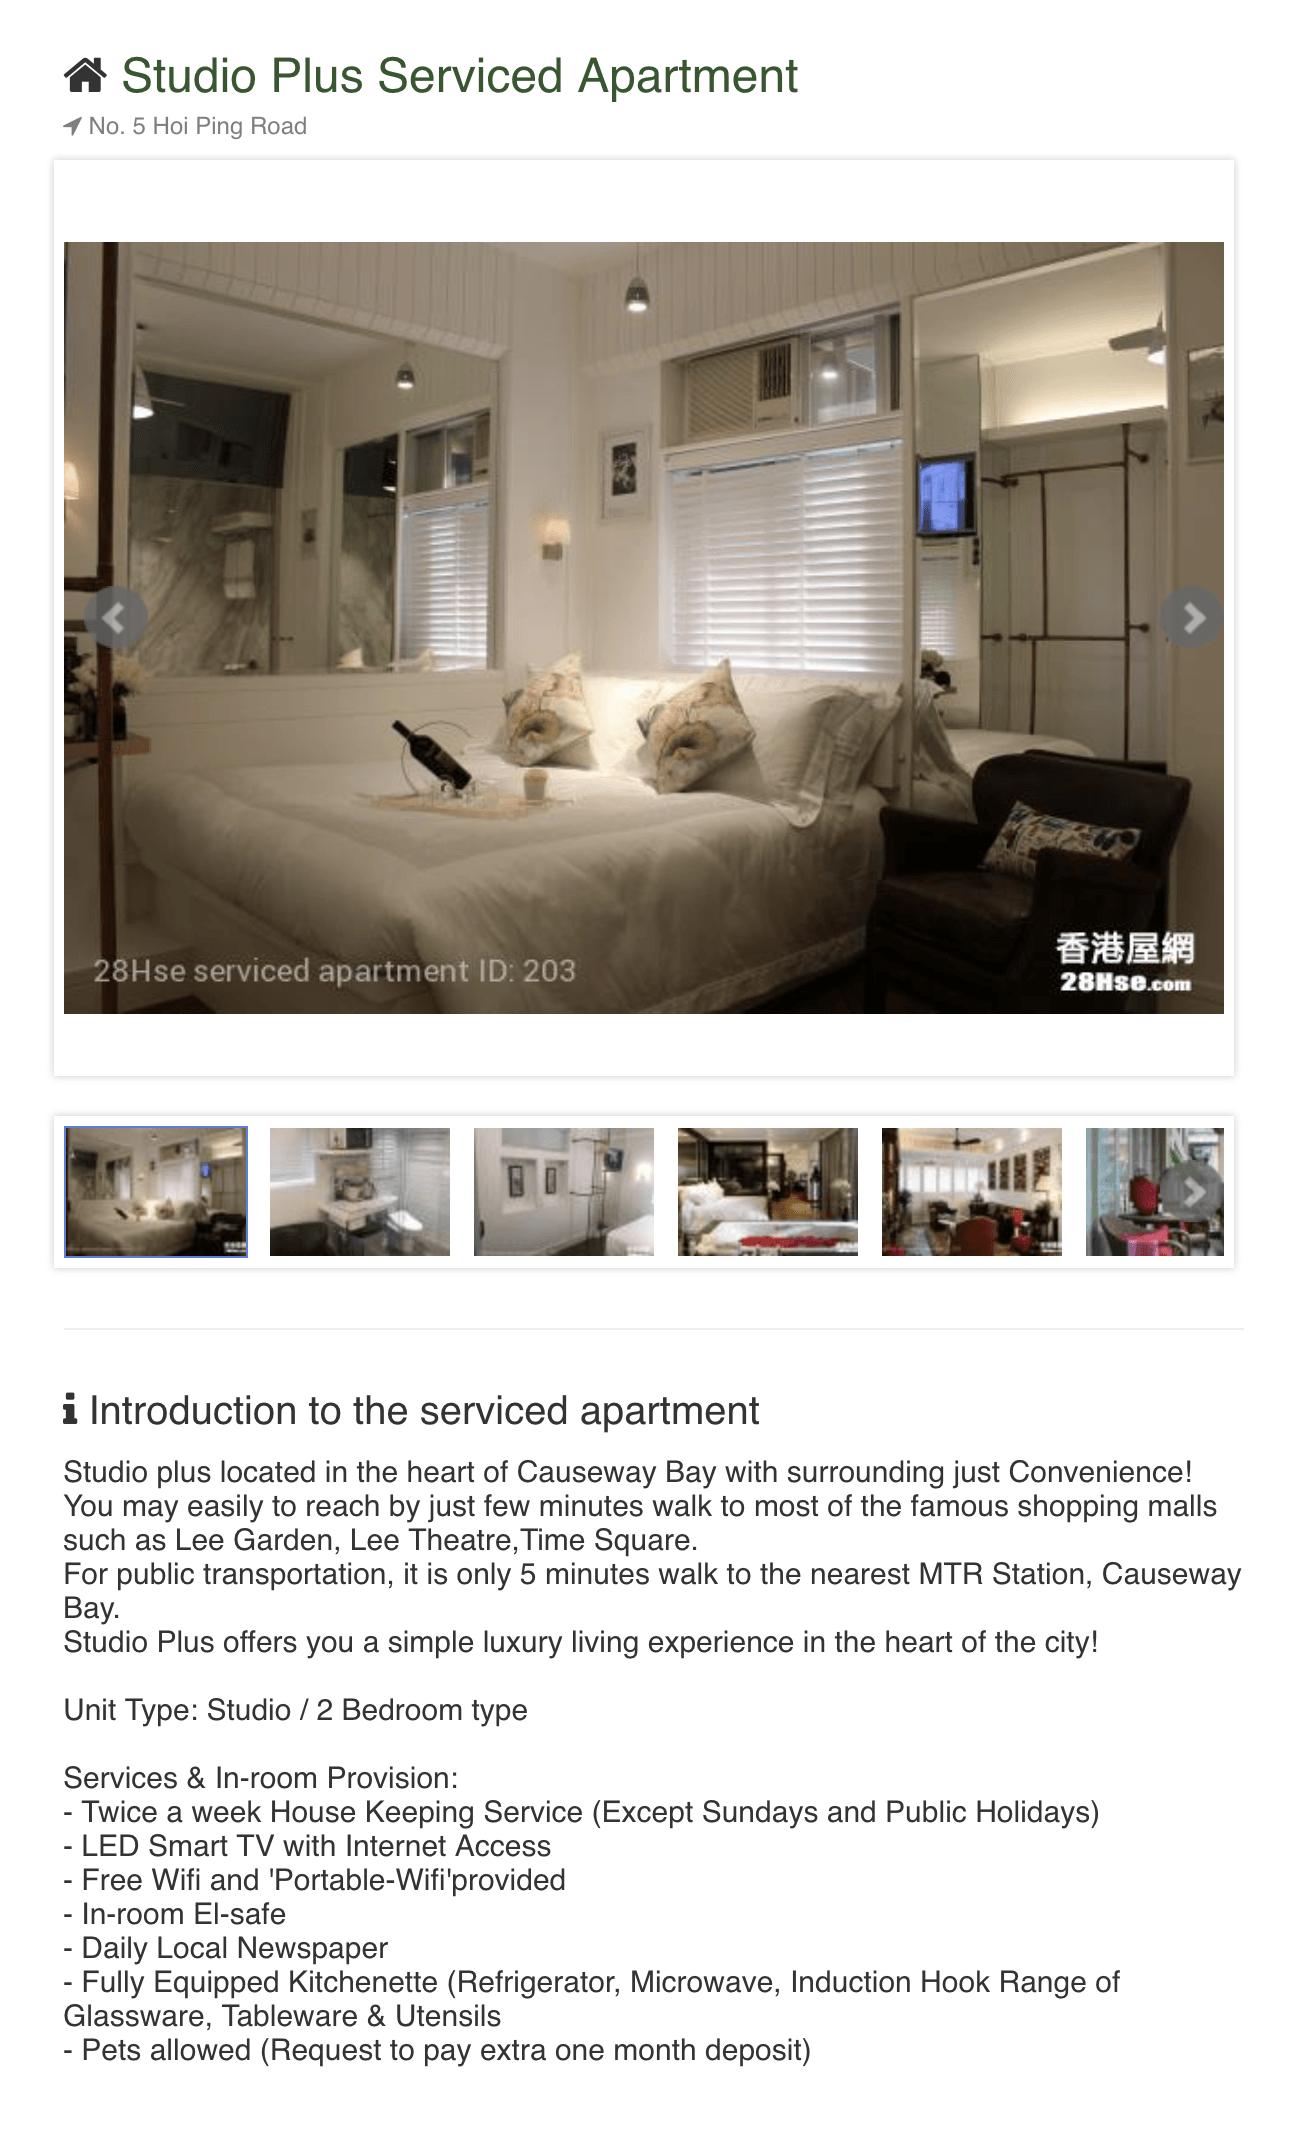 Можно снять студию 20 м² за 23 000$, но туалет будет за стеклянной дверью, а рядом с ним кухня: микроволновка, чайник и мини-холодильник. Это апартаменты с обслуживанием (serviced apartments), популярный вариант в Гонконге — их можно снять меньше чем на год. В некоторых в цену входит уборка, в большинстве стирать одежду приходится в прачечной, потому что места для стиральной машины нет